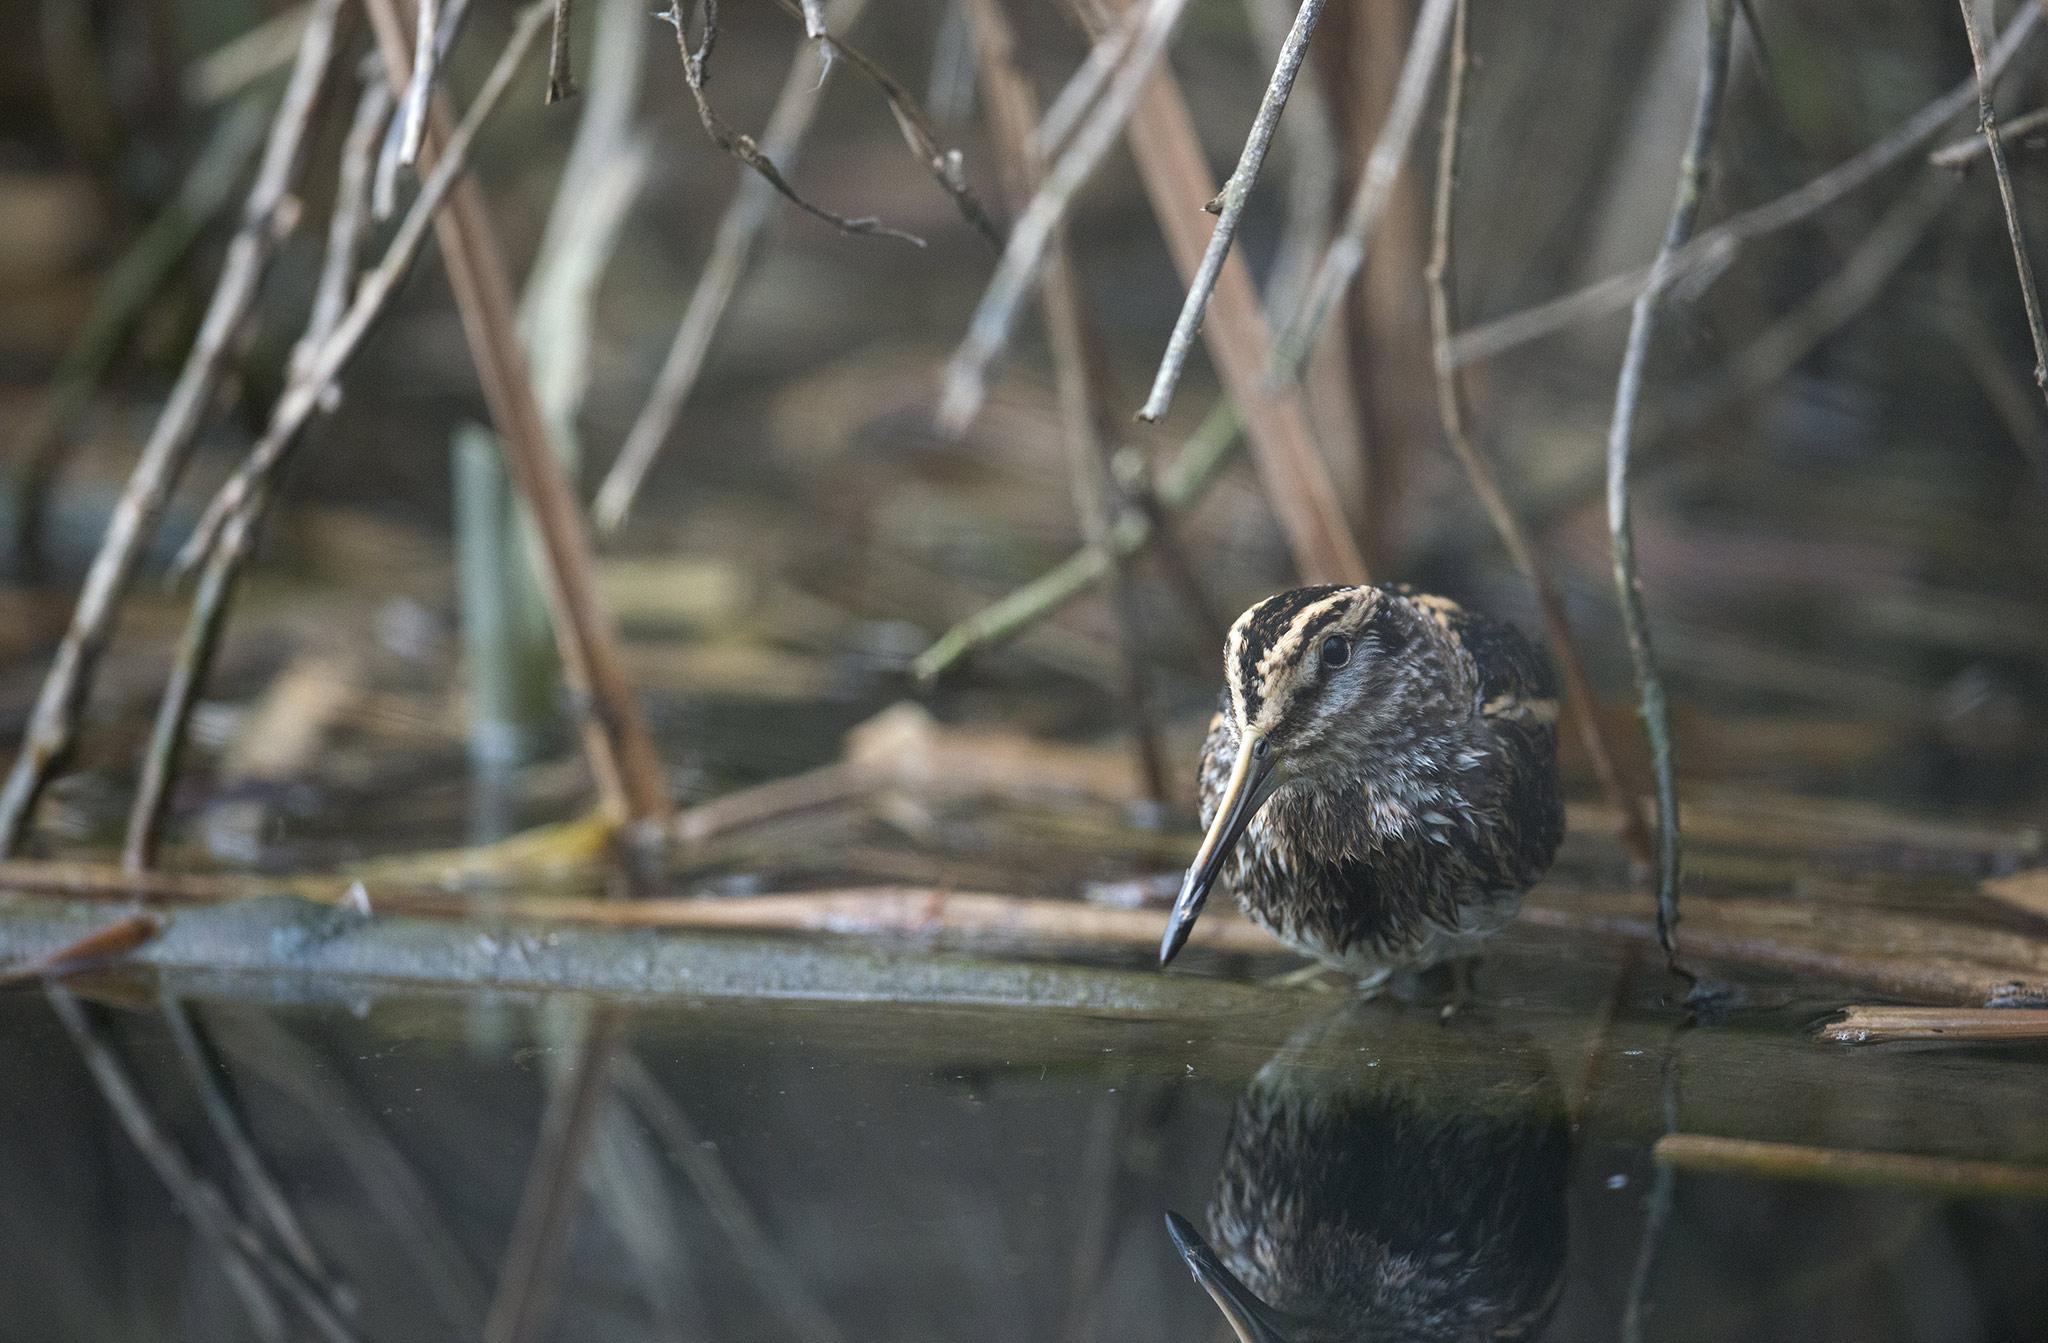 La Bécassine sourde est une espèce d'oiseaux, l'une des trois espèces de bécassines vivant en France. C'est la seule bécassine qui attend le dernier moment pour prendre son envol lorsqu'un danger survient.